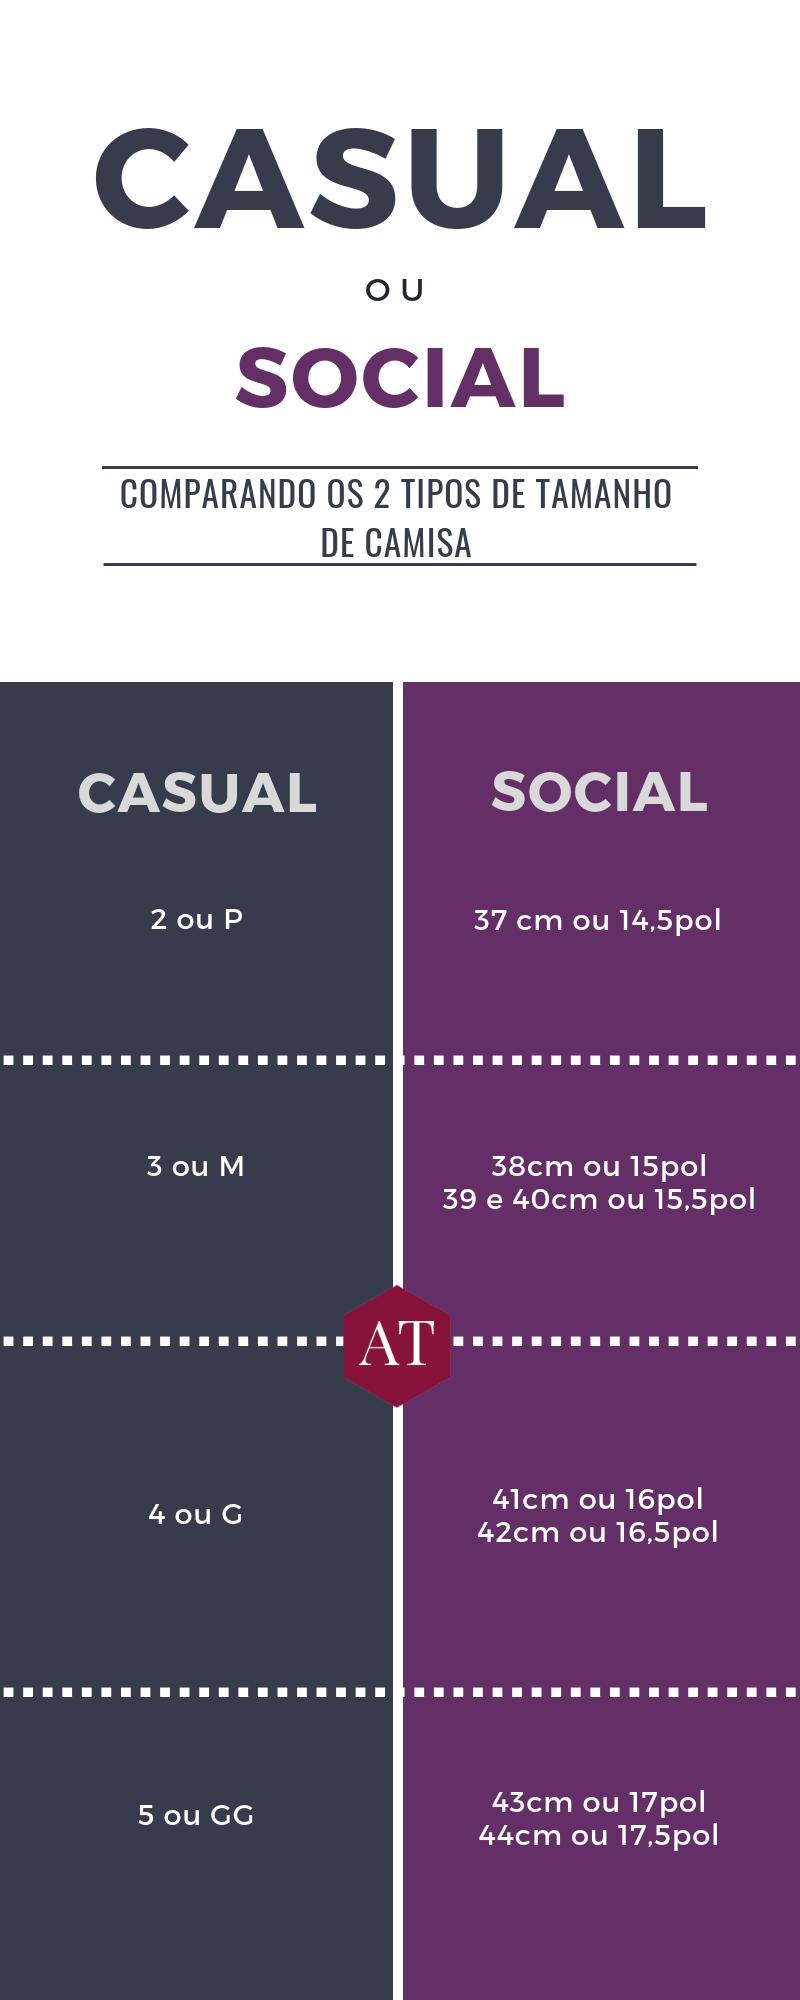 tabela de tamanho de camisa social e casual